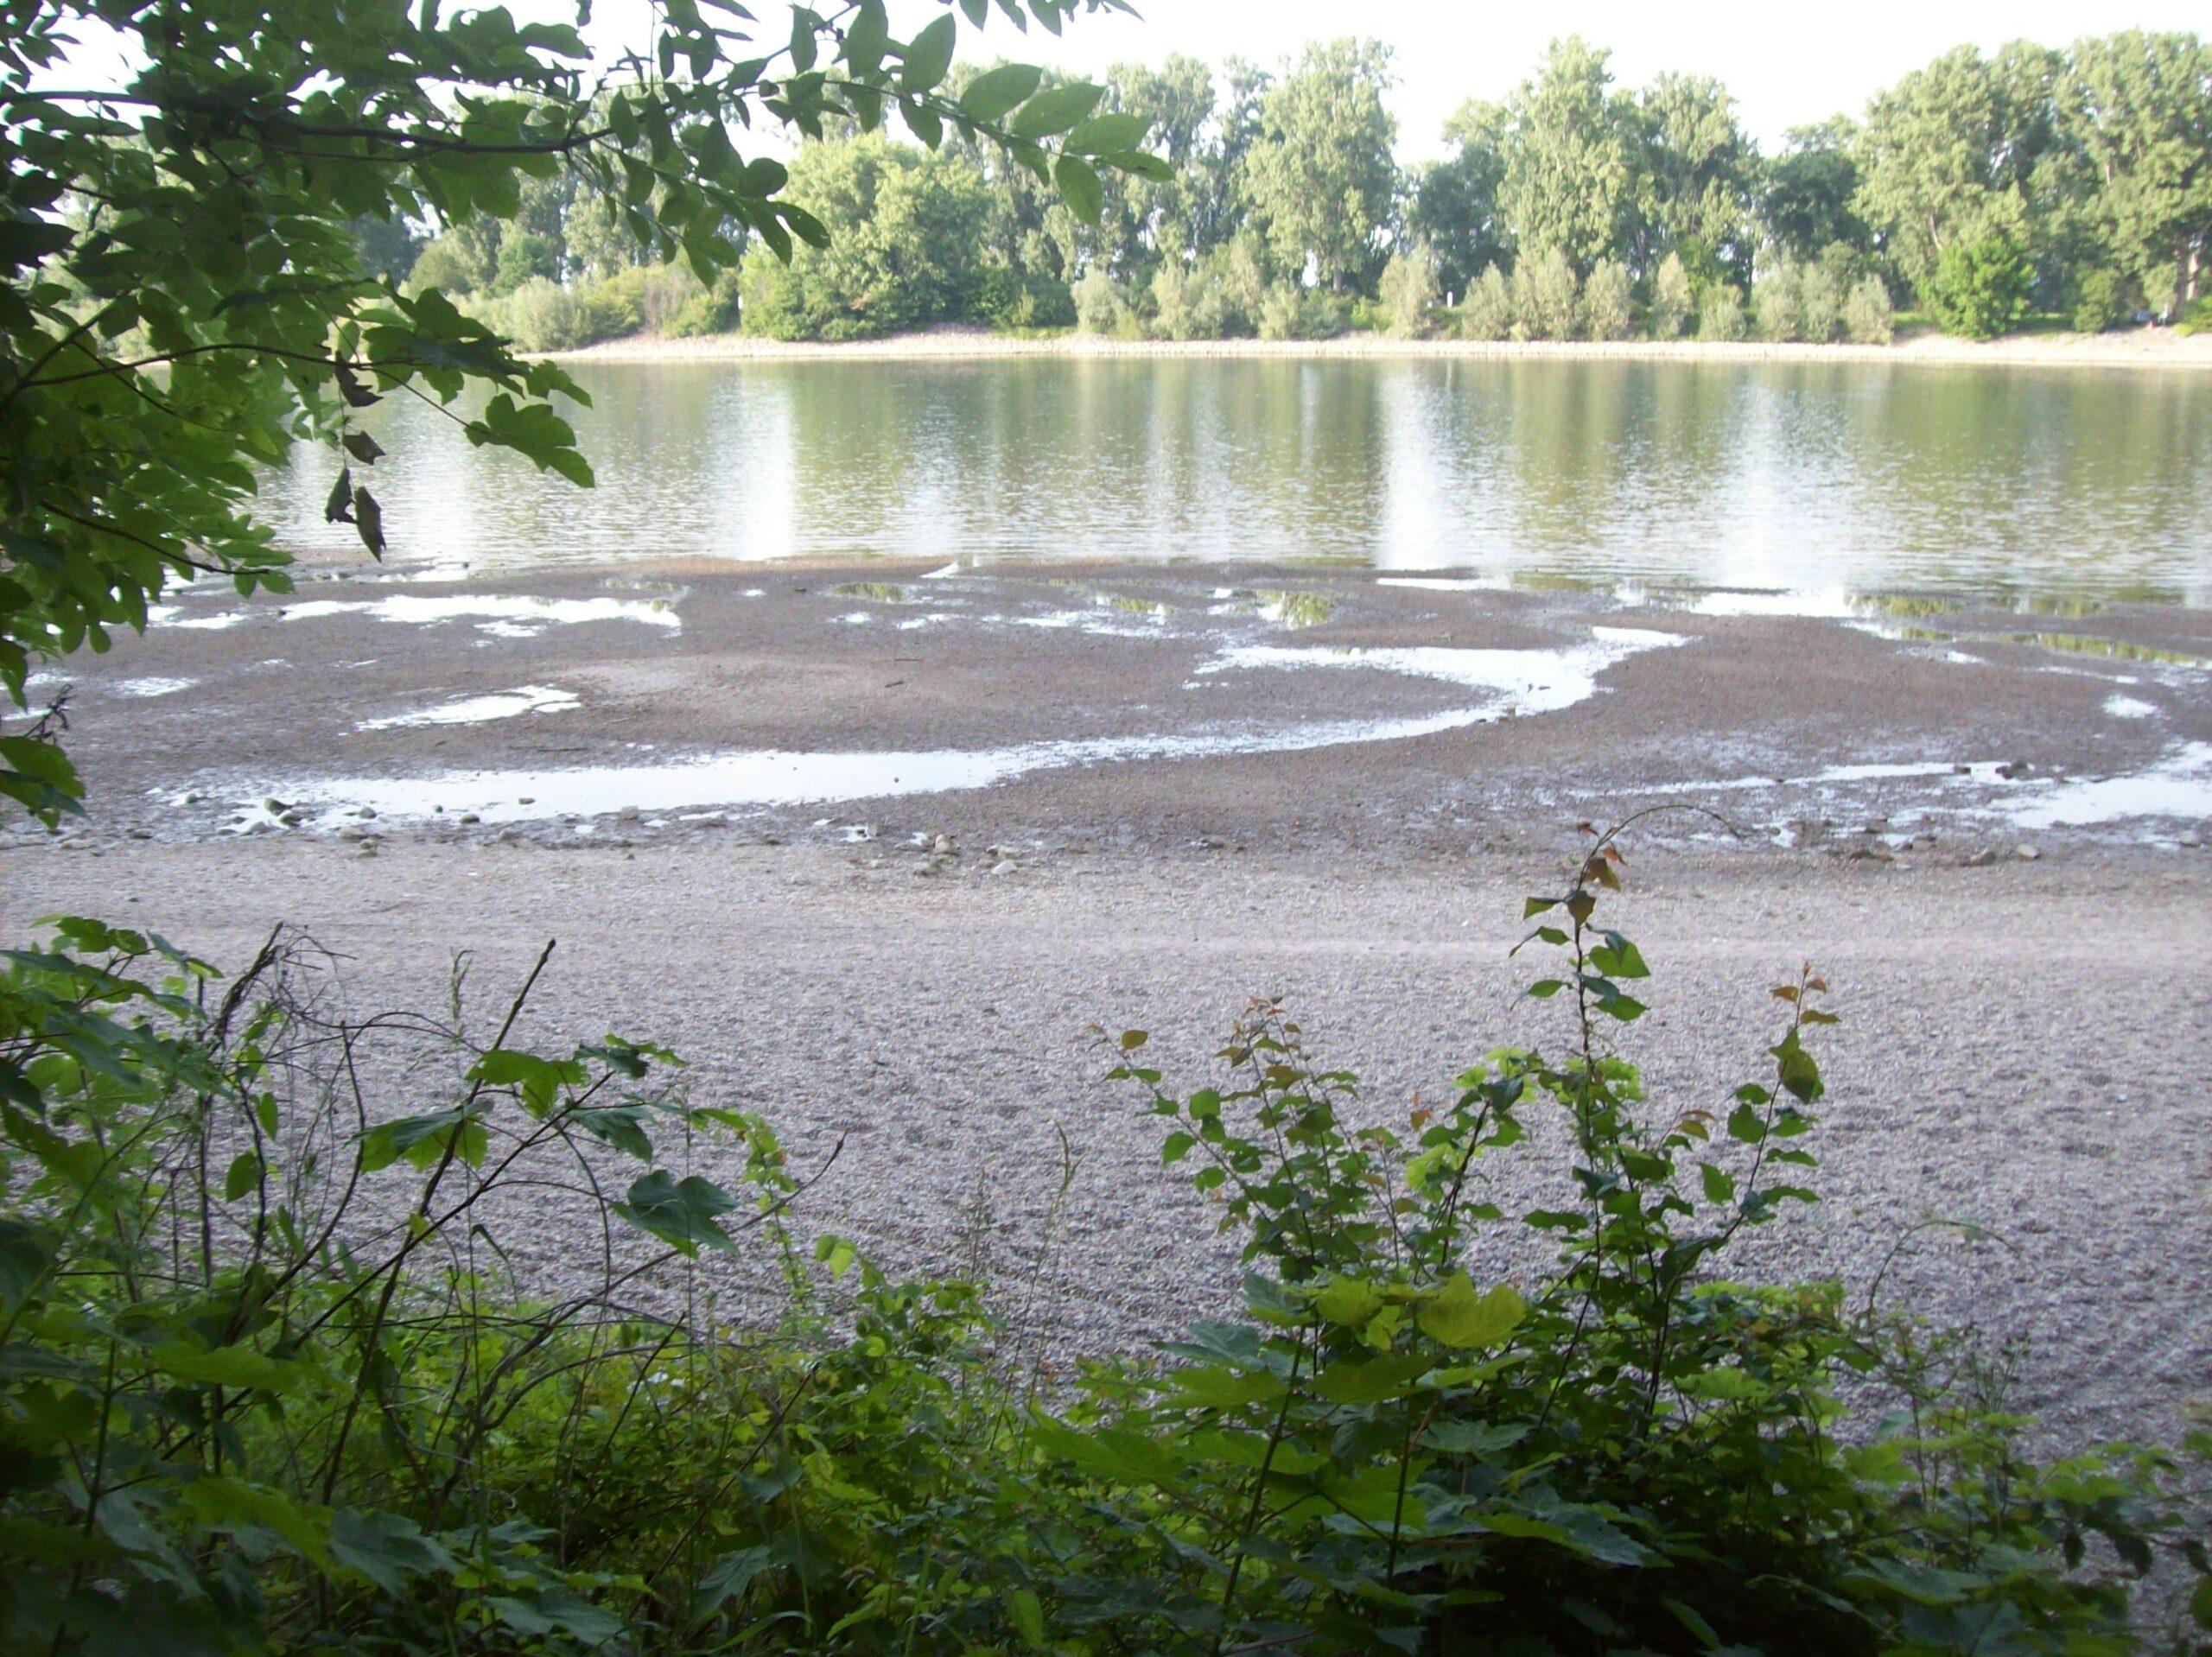 Der Rhein nahe Worms hat Niedrigwasser im Mai 2020